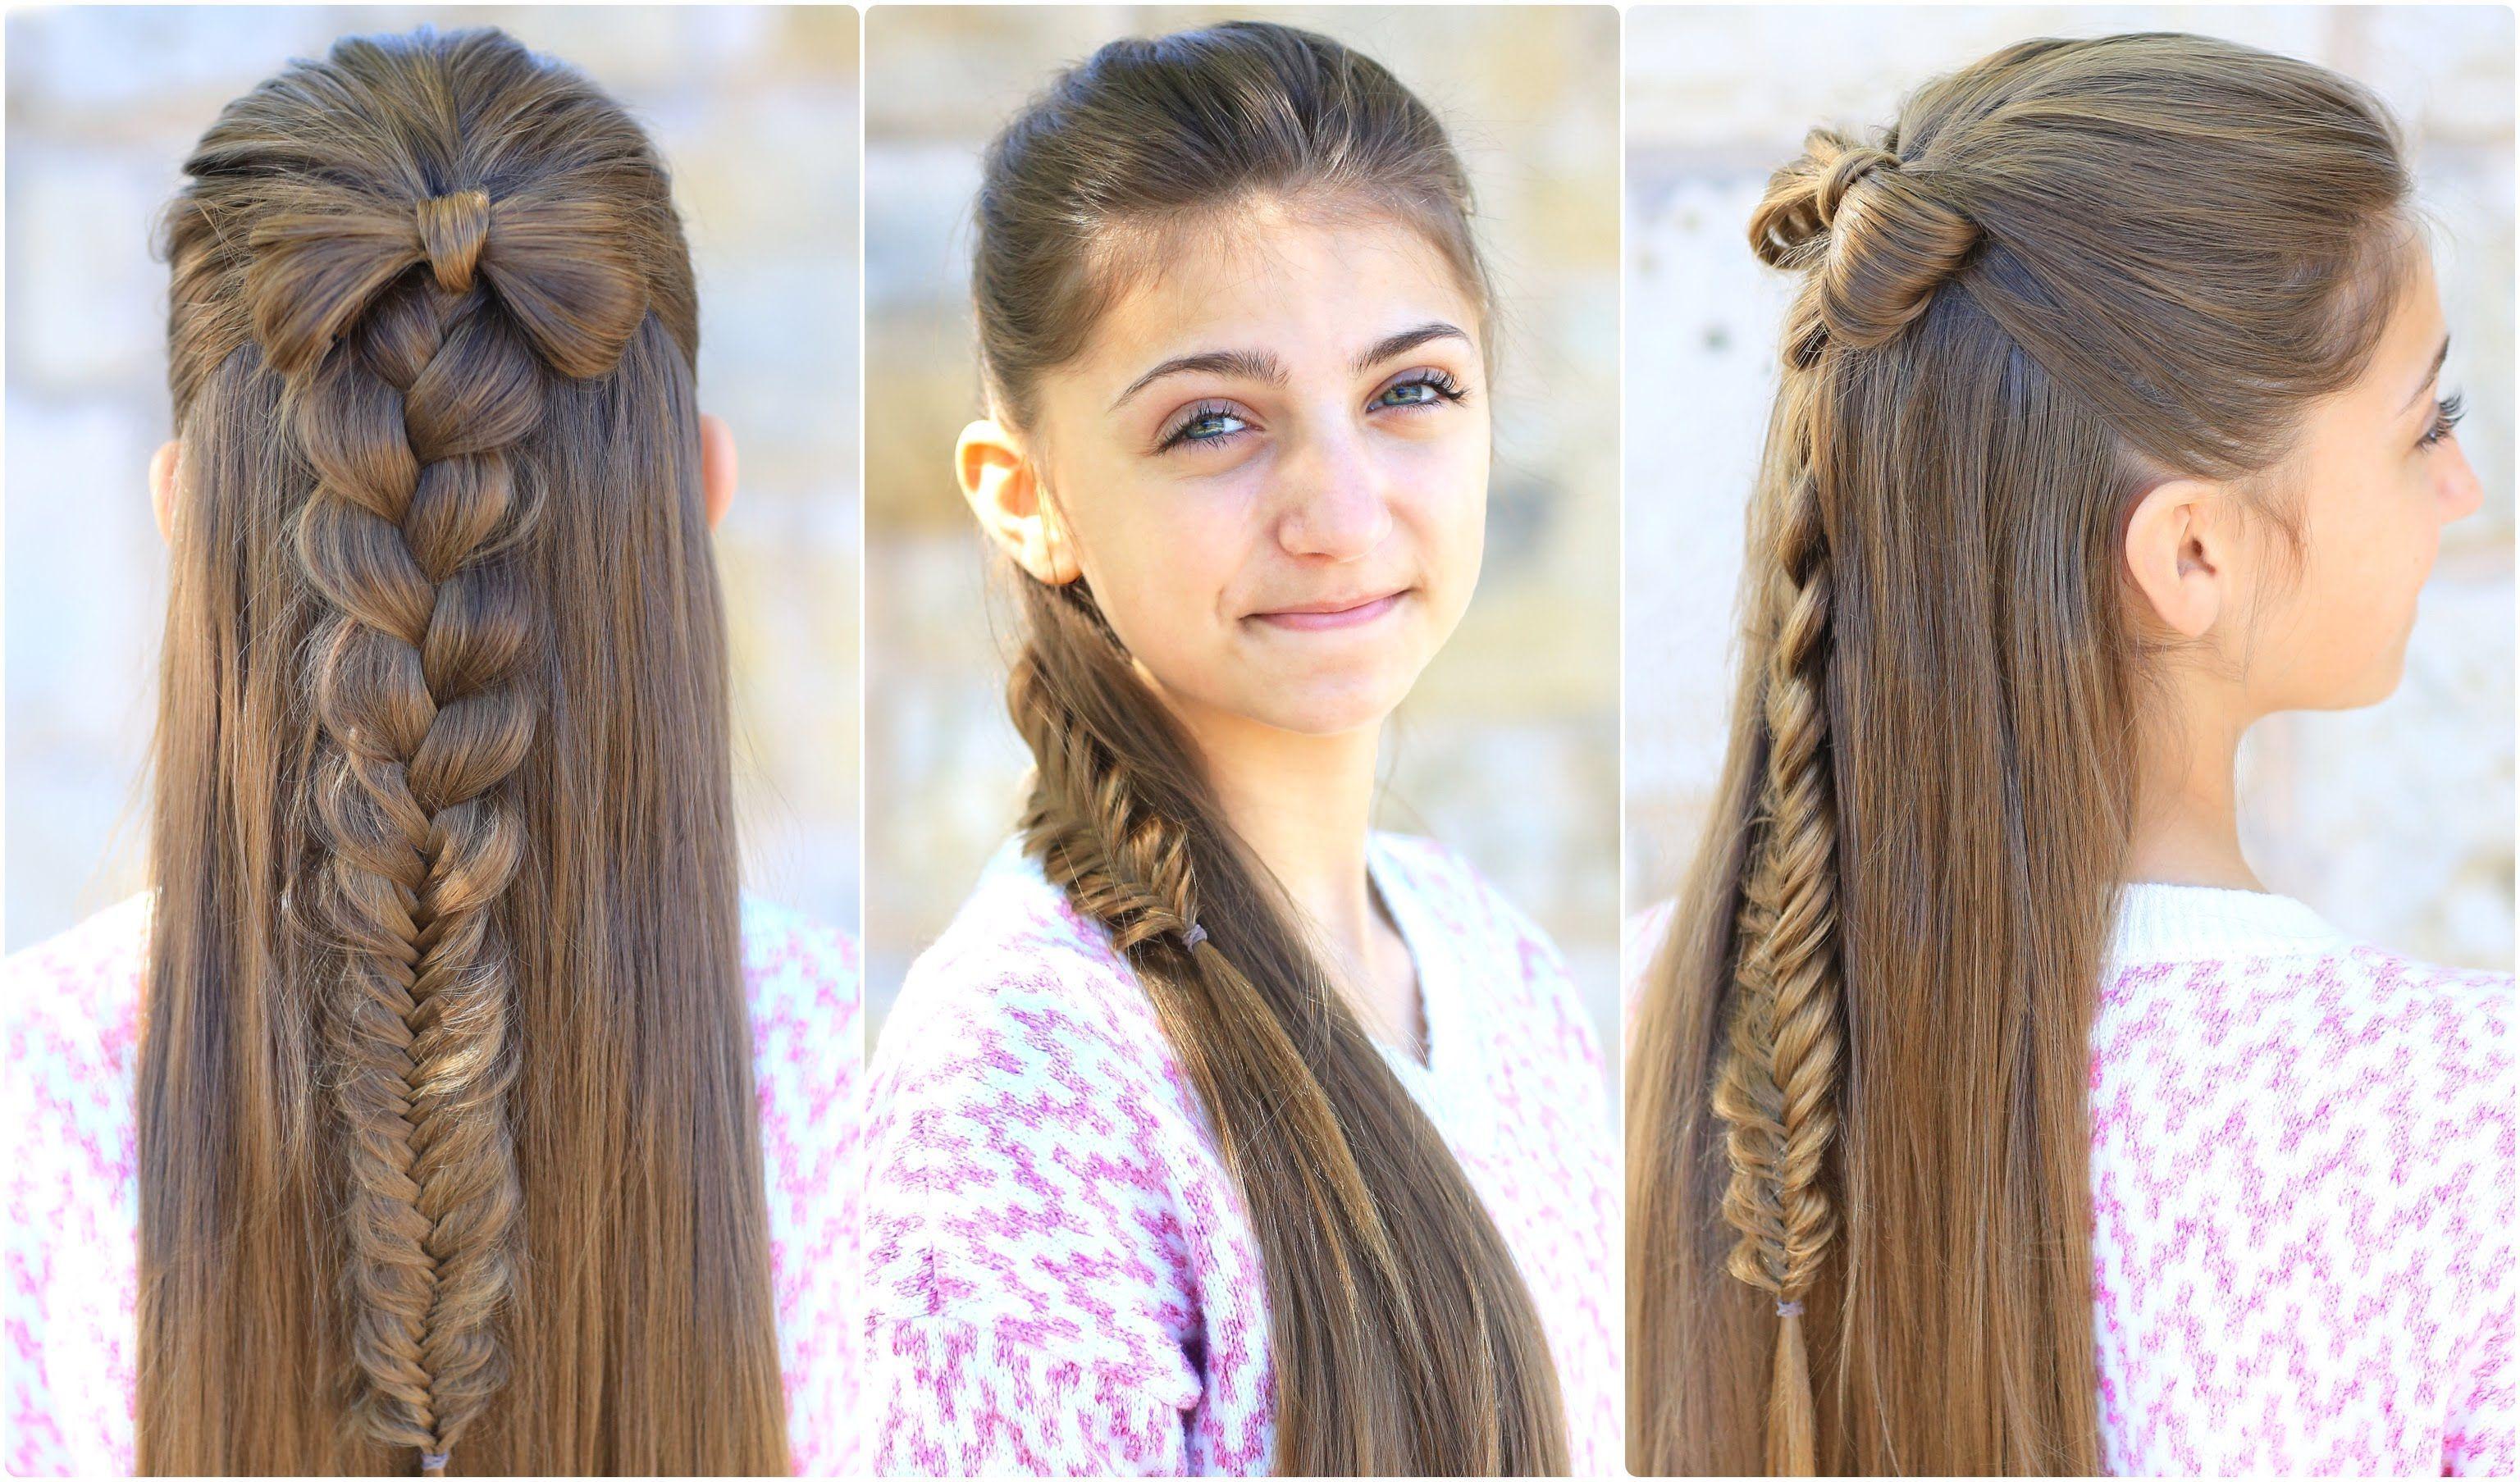 Bezaubernd Schöne Frisuren Für Mädchen Sammlung Von Schöne Niedliche Aber Einfache #langehaare #zöpfe #selbermachen